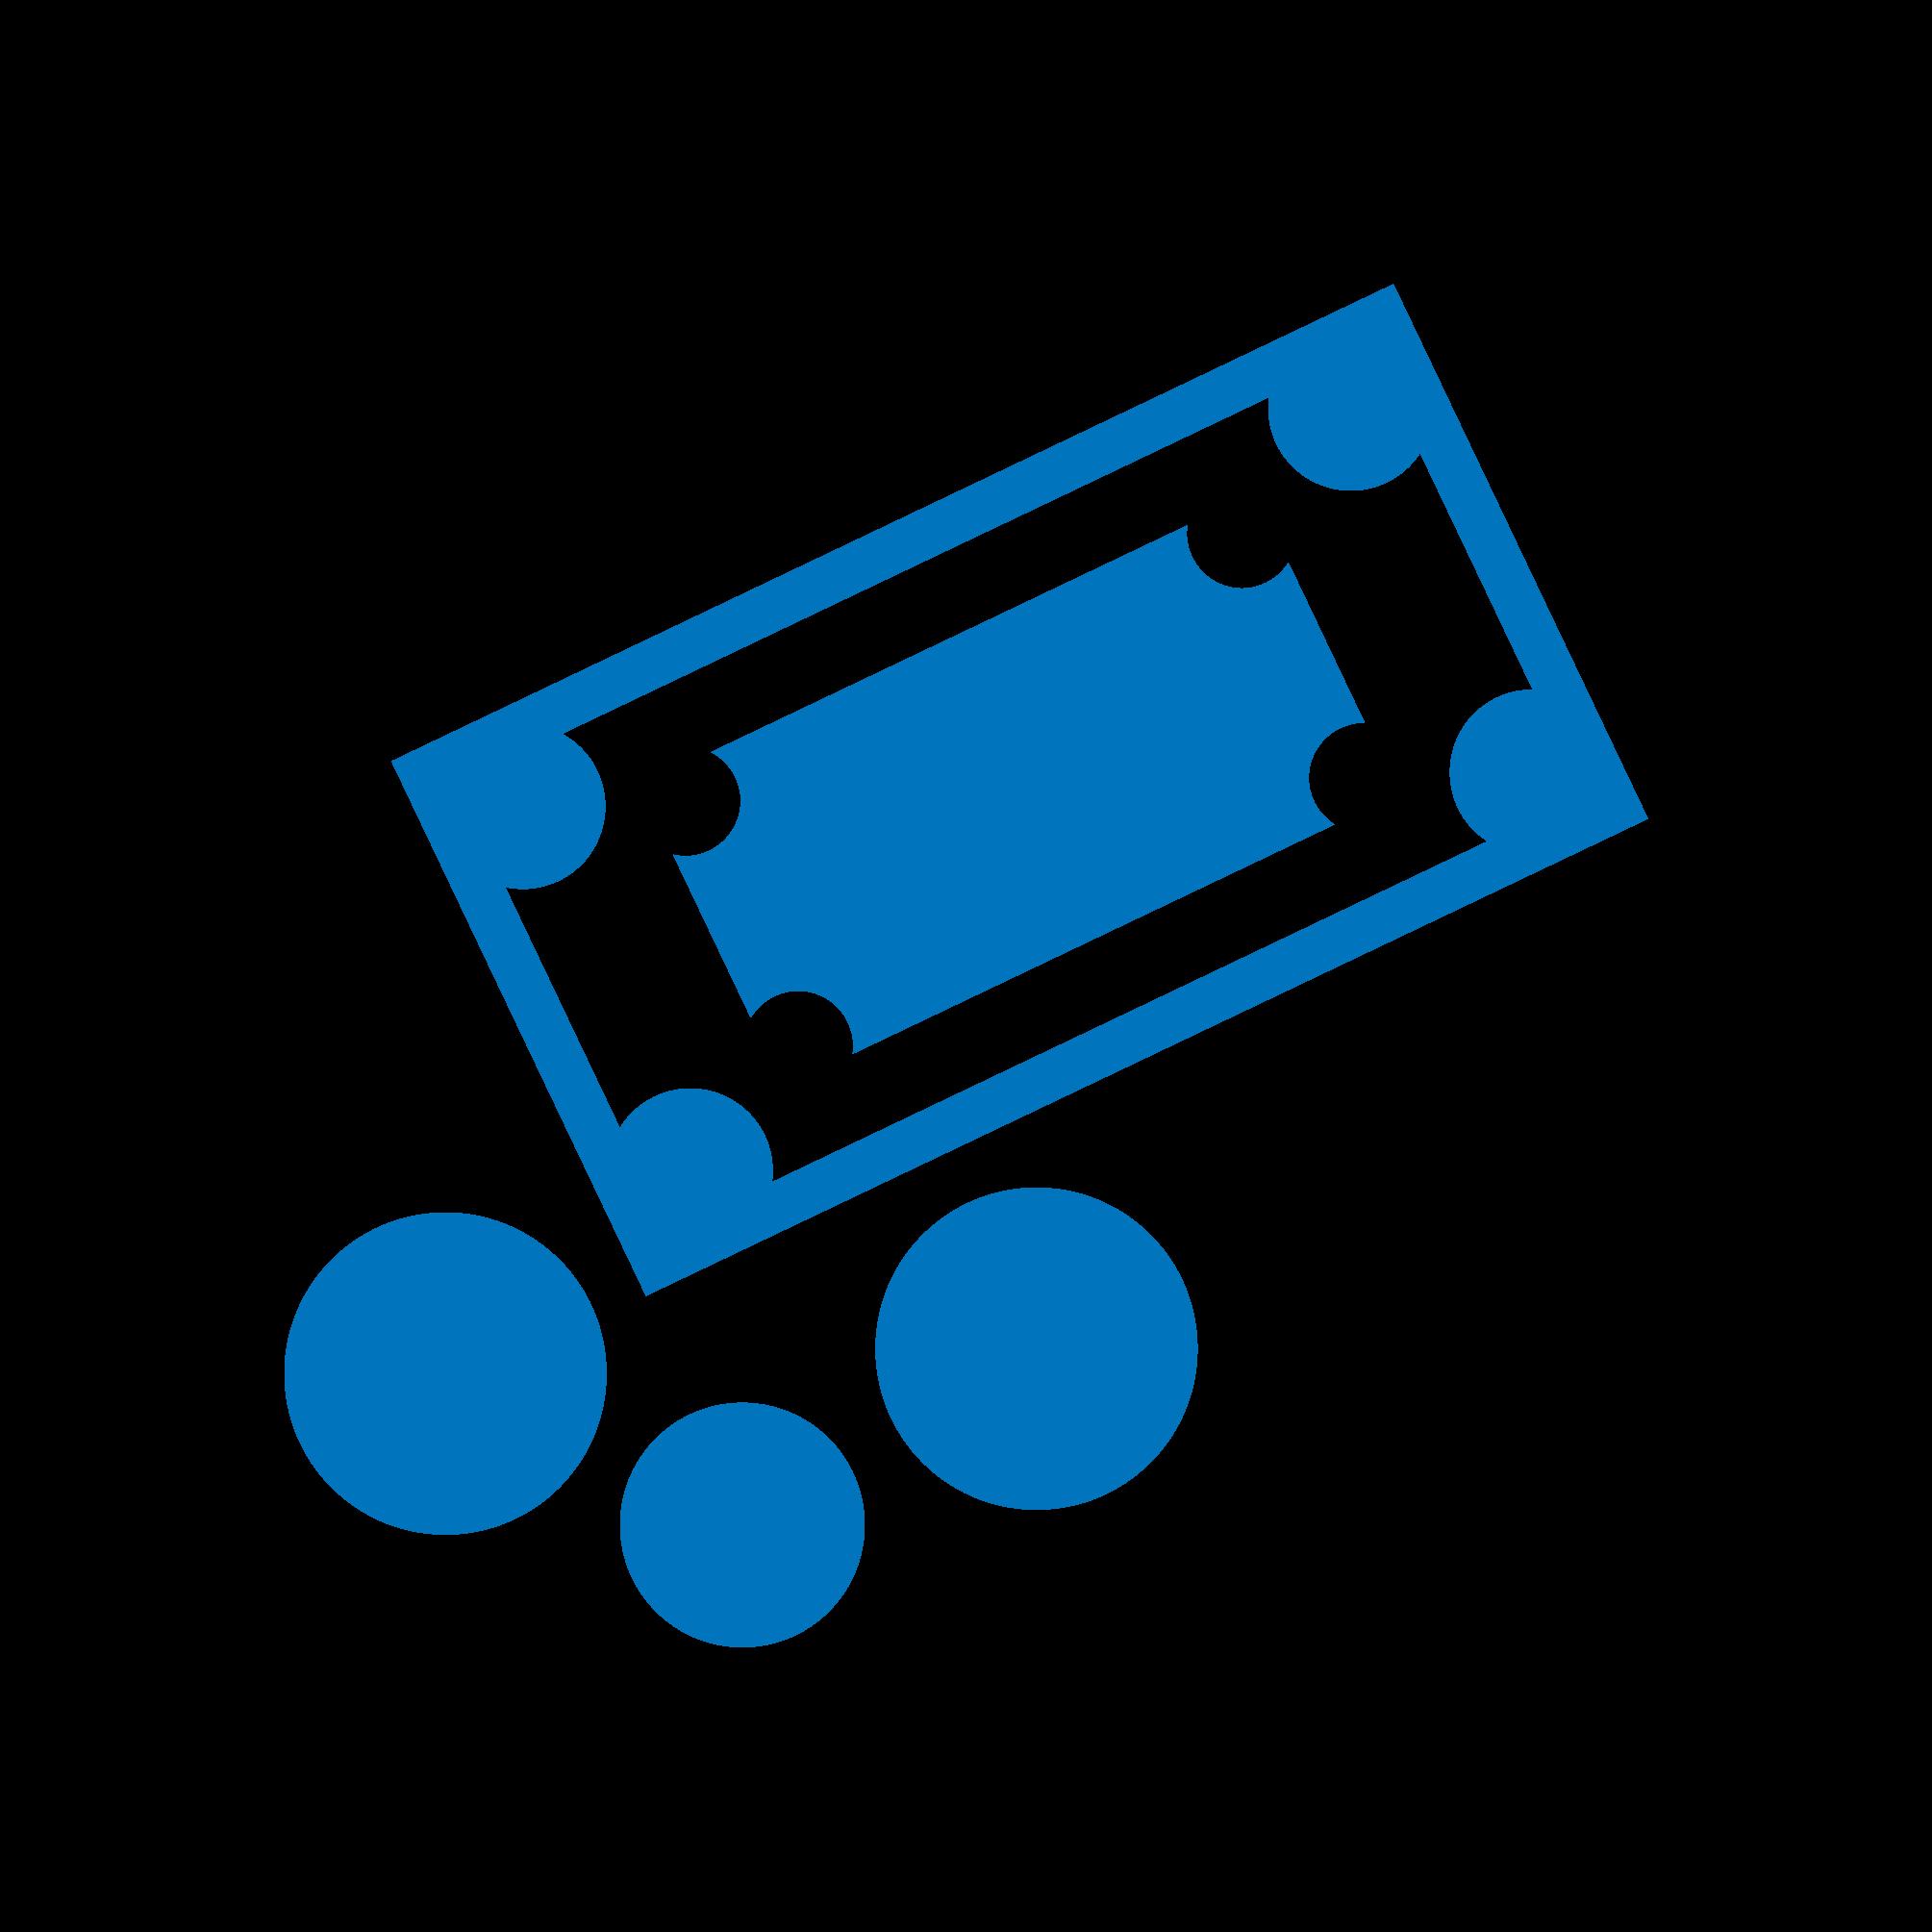 Icon_Kosten und Effizienz_Blau_300dpi_2017.png